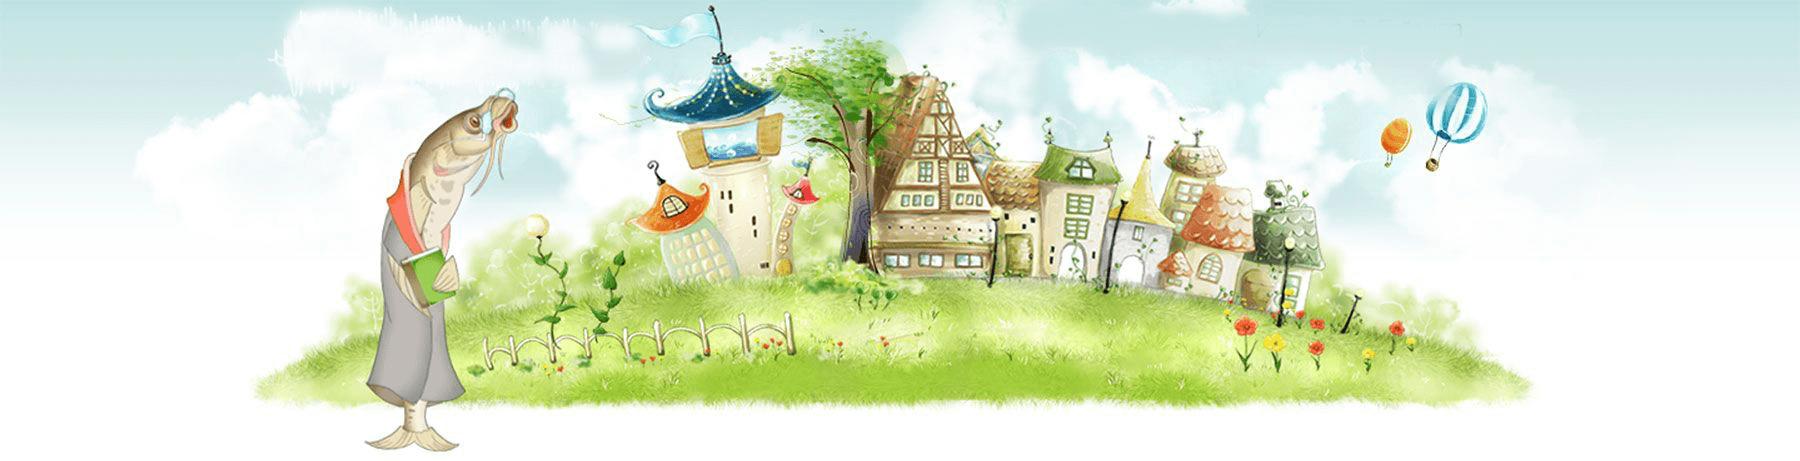 Dibujos Para Colorear | Guía completa de dibujos para colorear